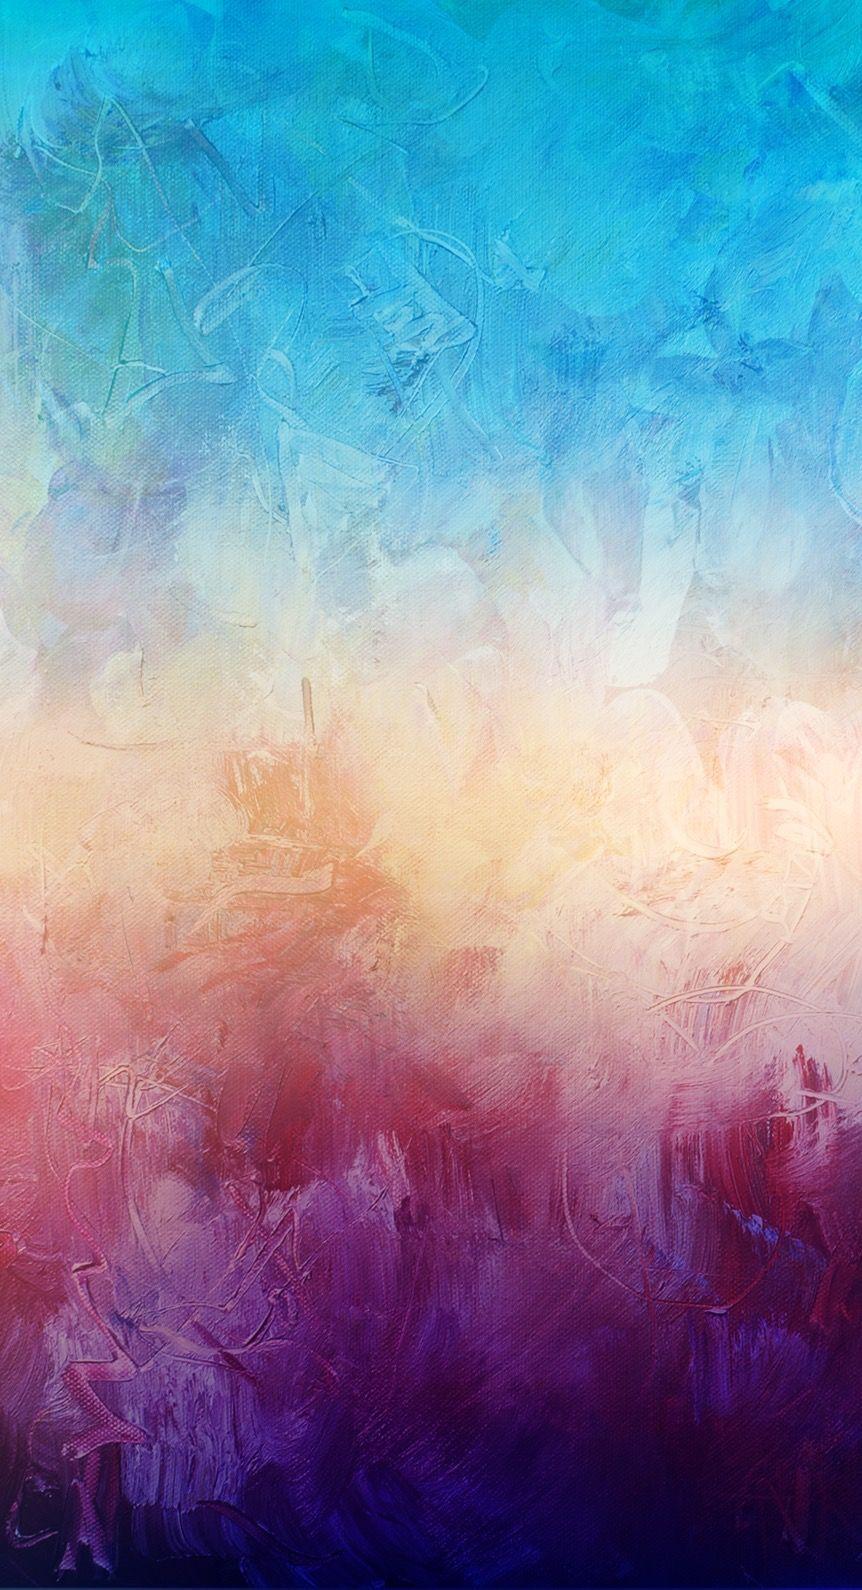 2016 iphone wallpaper - Bing images | Colors, Wallpaper ...